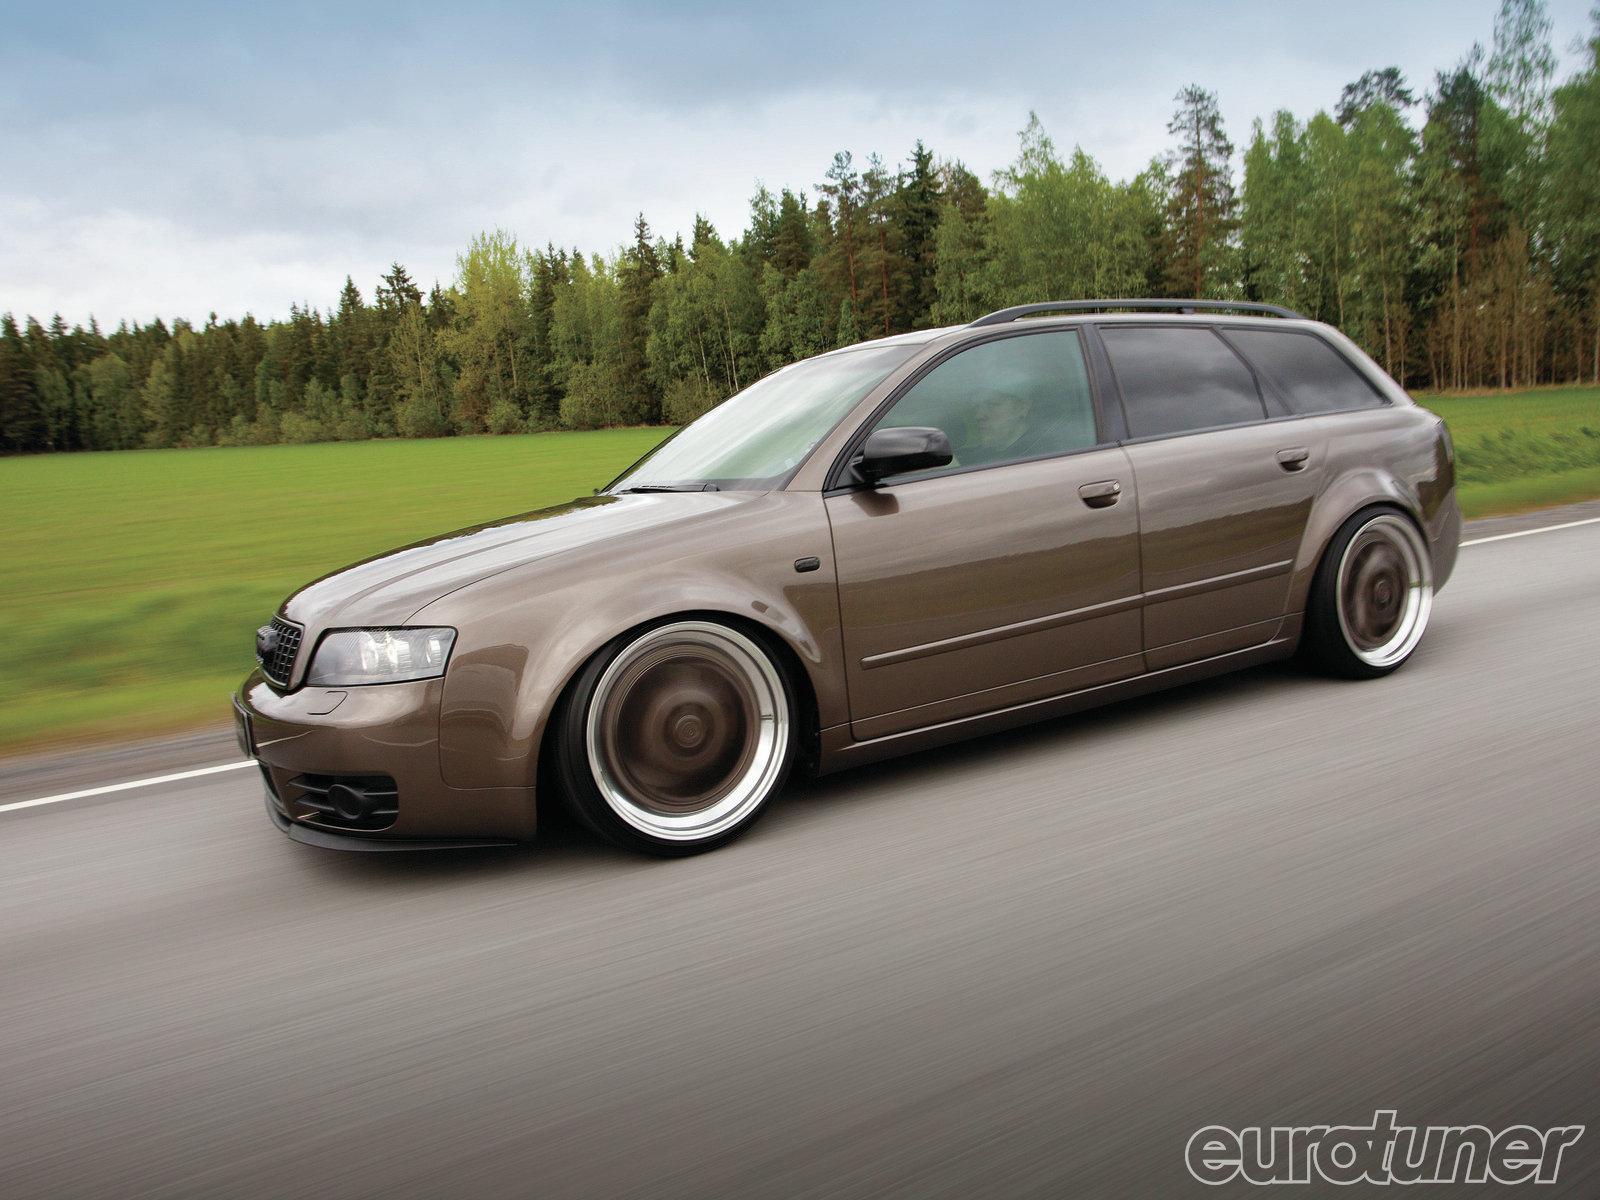 Kelebihan Kekurangan Audi A4 Avant 2004 Spesifikasi